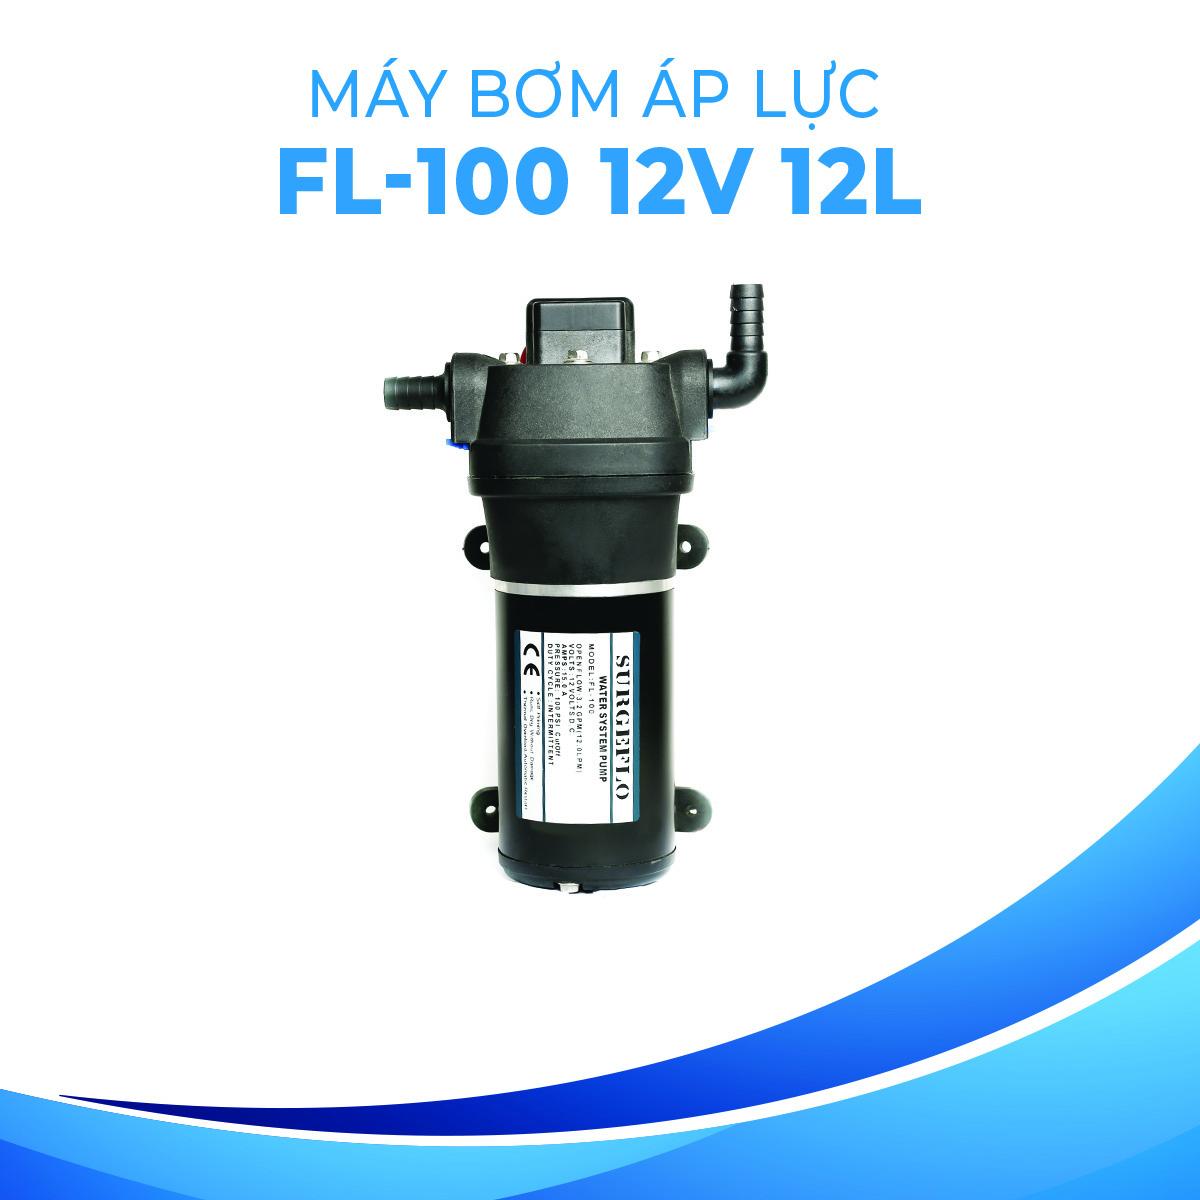 4.Máy bơm áp lực 12V FL-100 A2